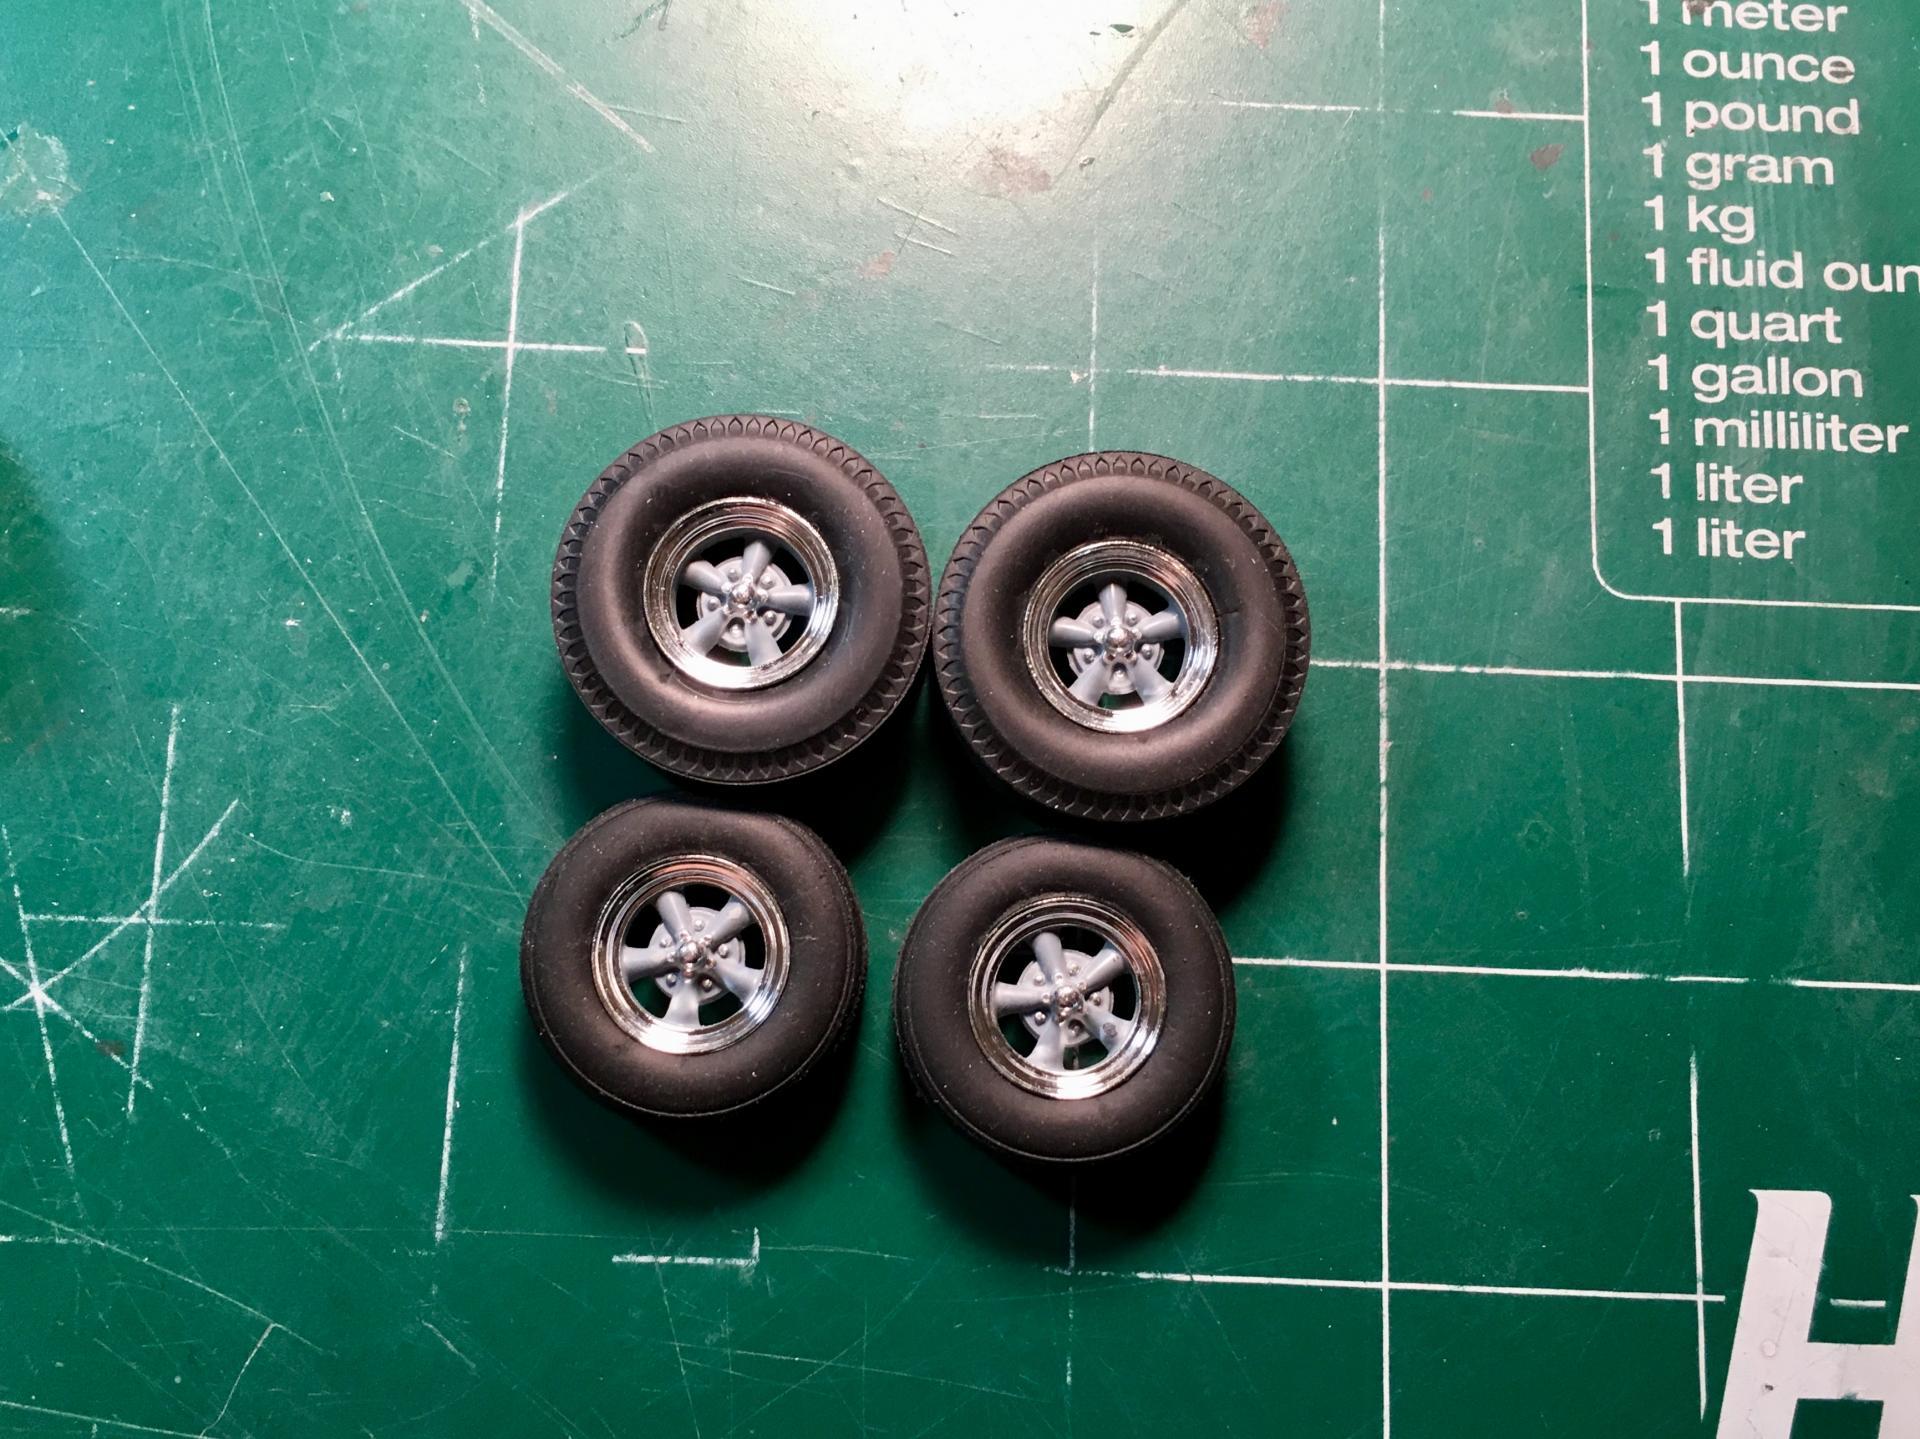 C29F6BD0-C268-4DE8-B4B5-C31D7153B359.jpeg